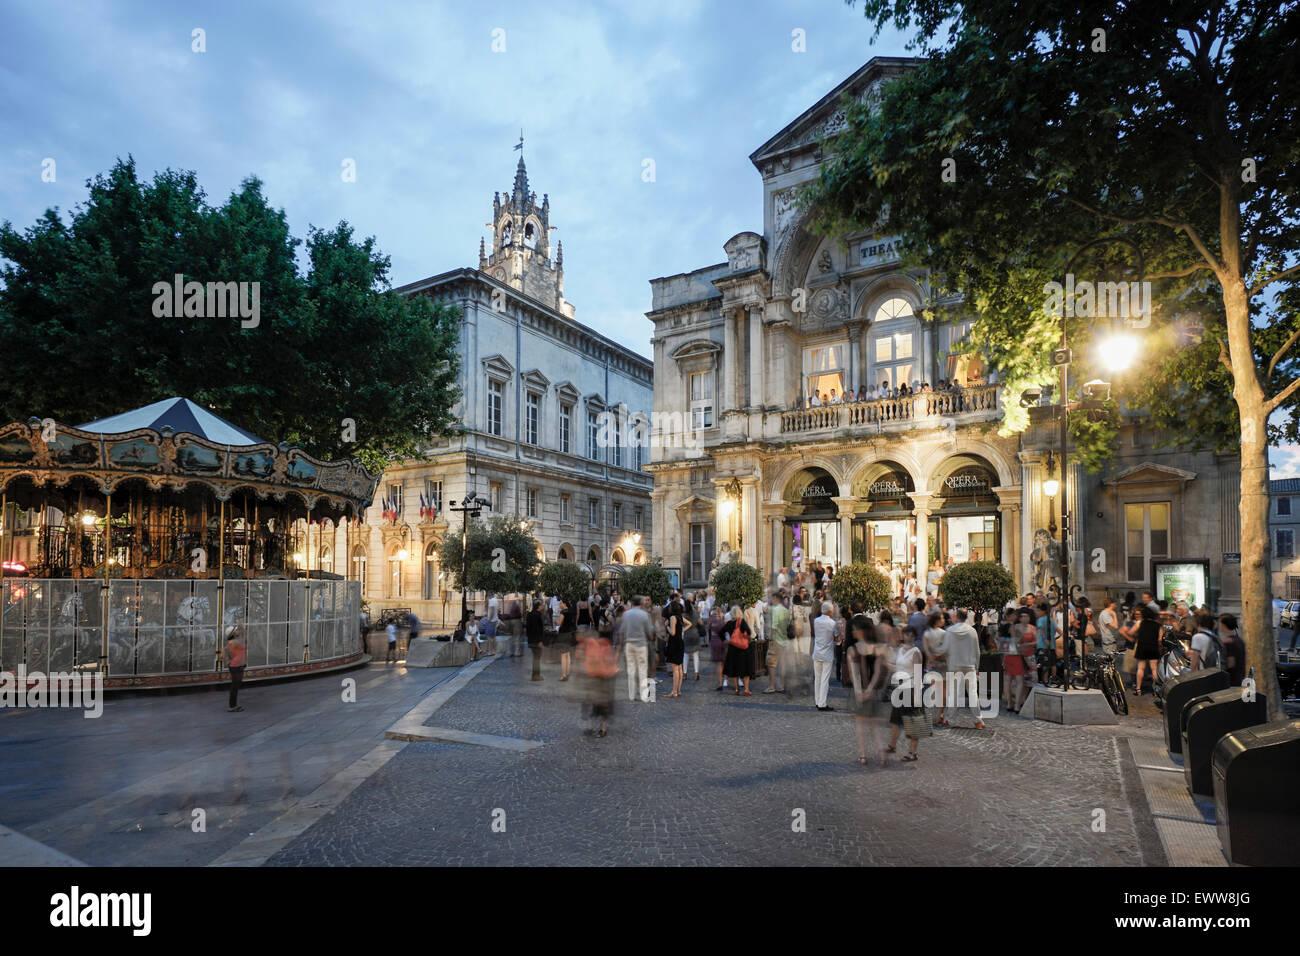 Hotel de Ville, Opera, Place de la Horloge,  Avignon, Bouche du Rhone, France - Stock Image